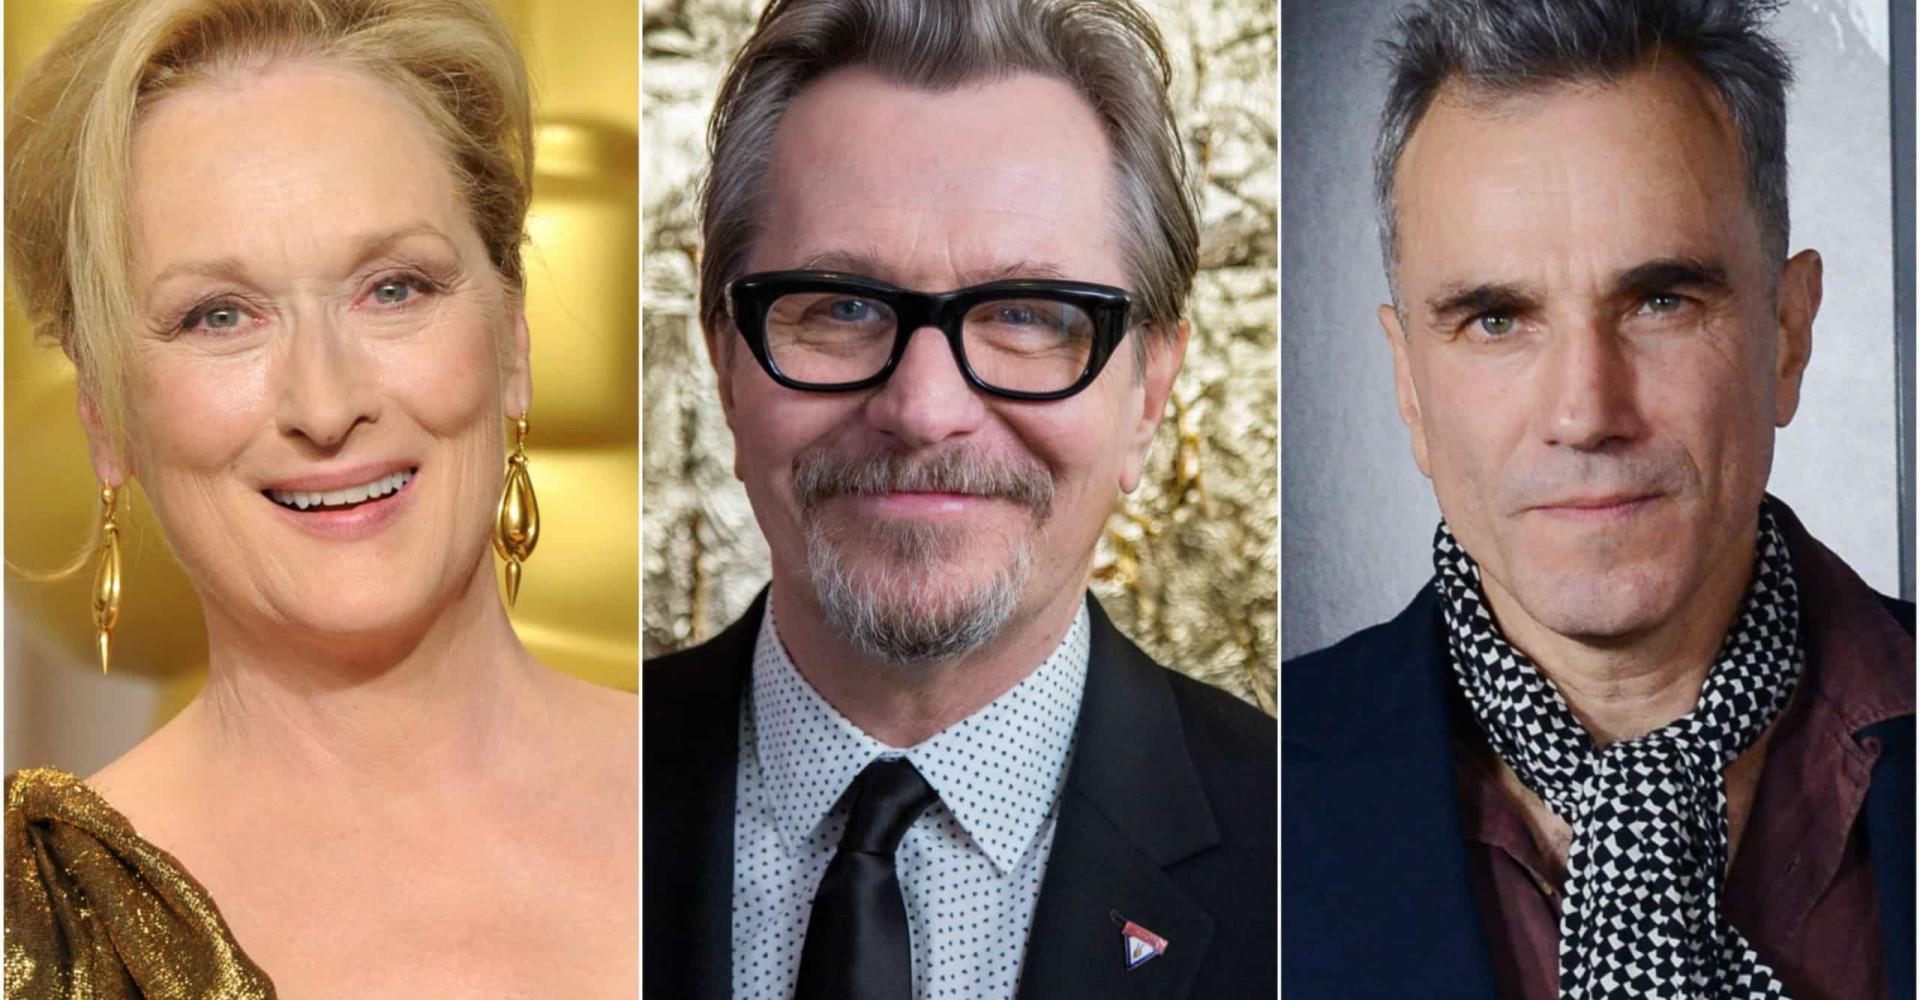 ¡Descubre qué actores han interpretado a presidentes y primeros ministros!